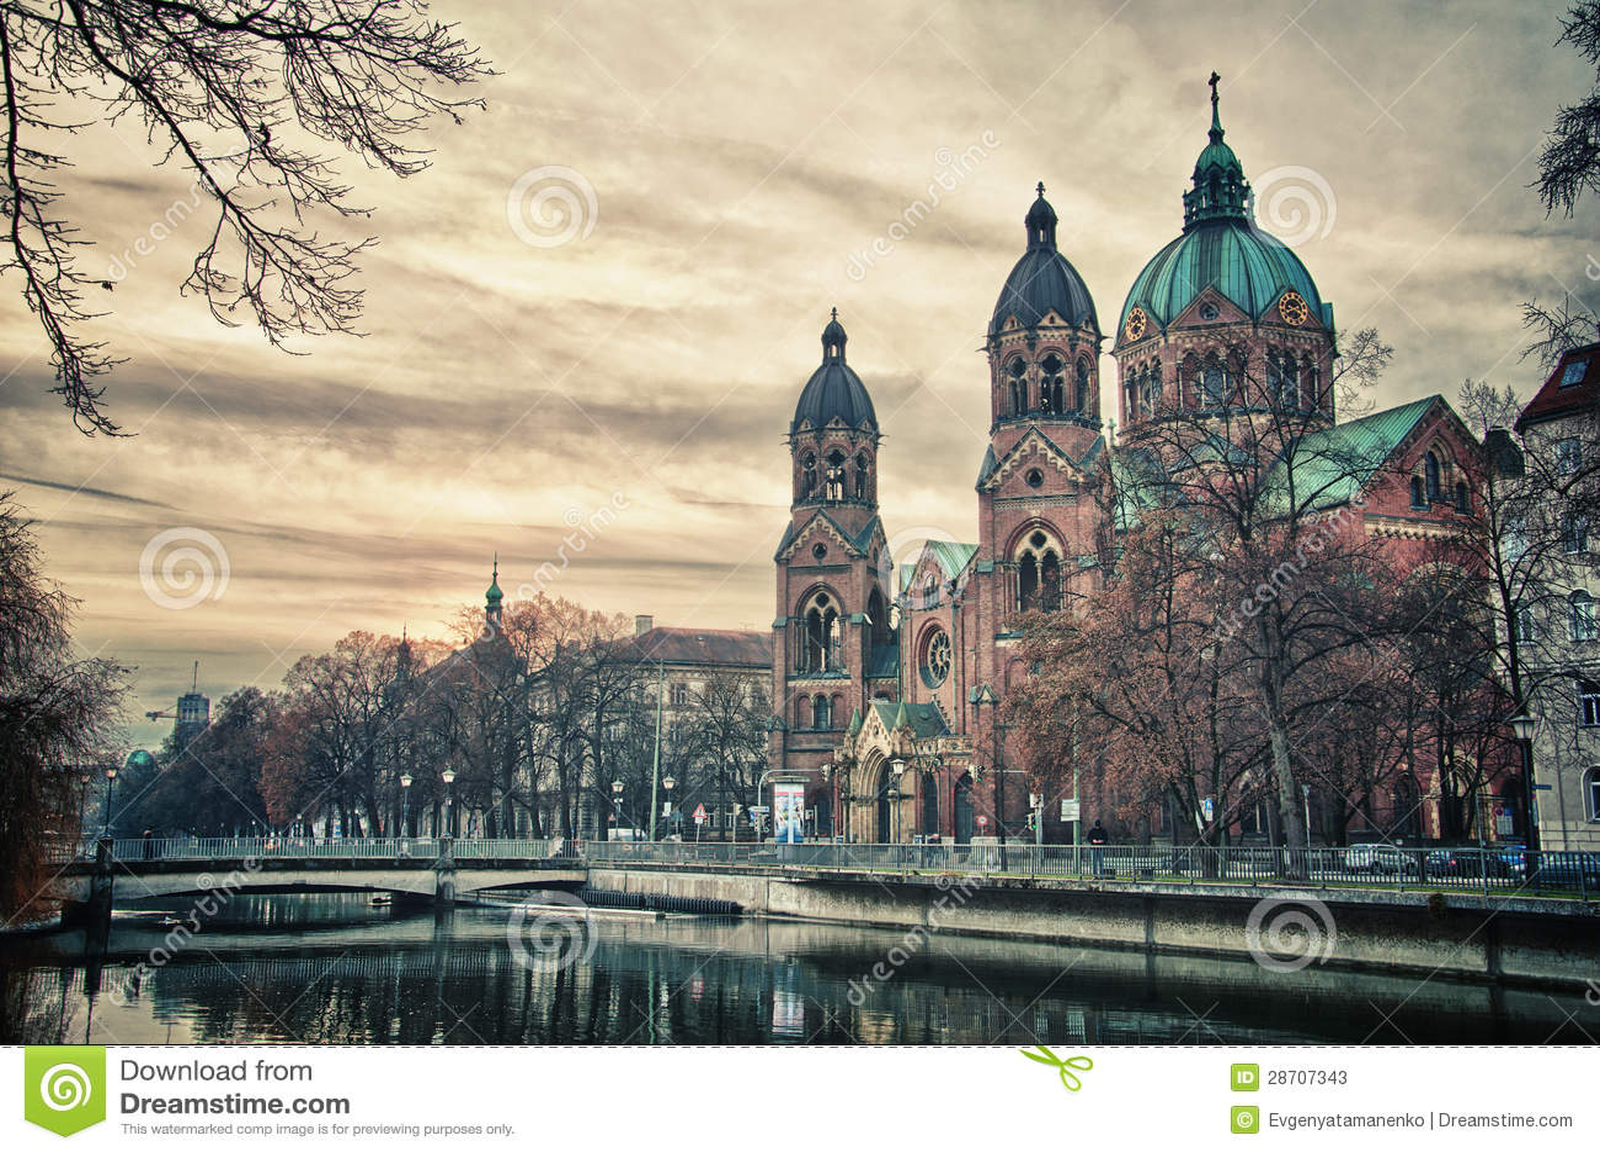 Schöner Tempel am Sonnenuntergang. Europa-Markstein von München, Deutschland